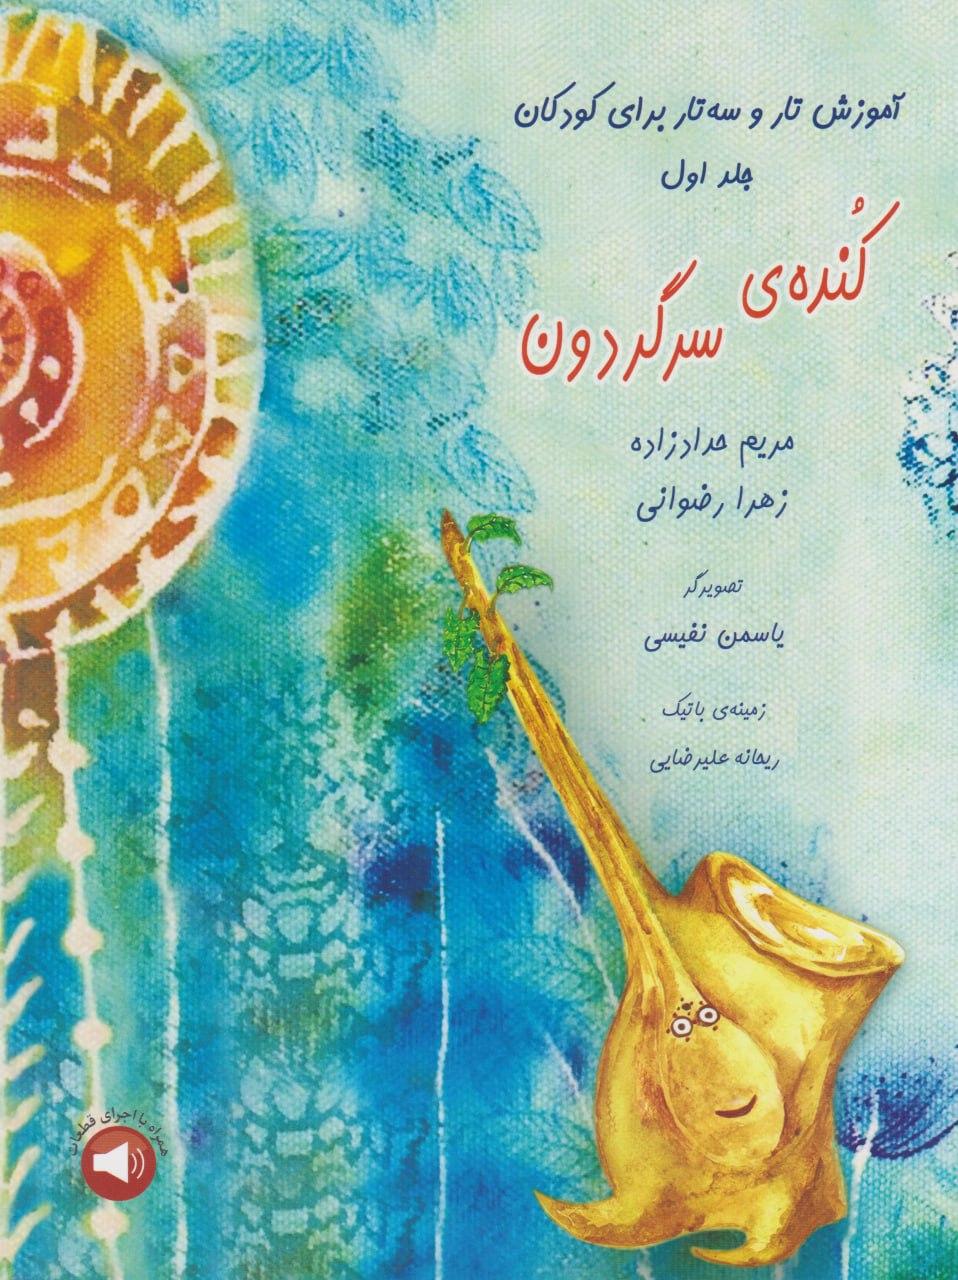 کتاب اول کندهی سرگردون مریم حدادزاده  زهرا رضوانی انتشارات سرود